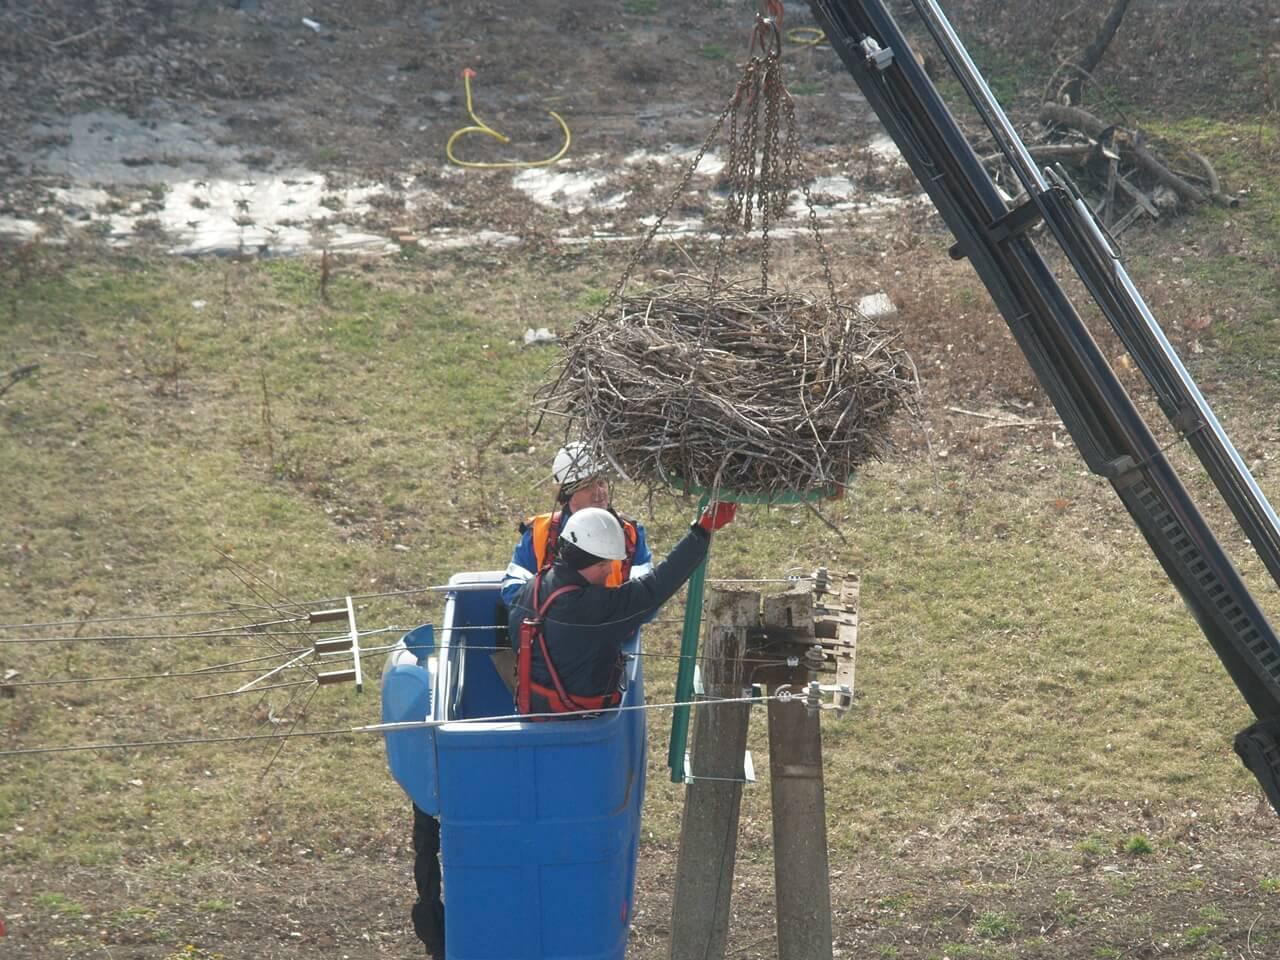 Visszatették a gólyafészket az eredeti helyére